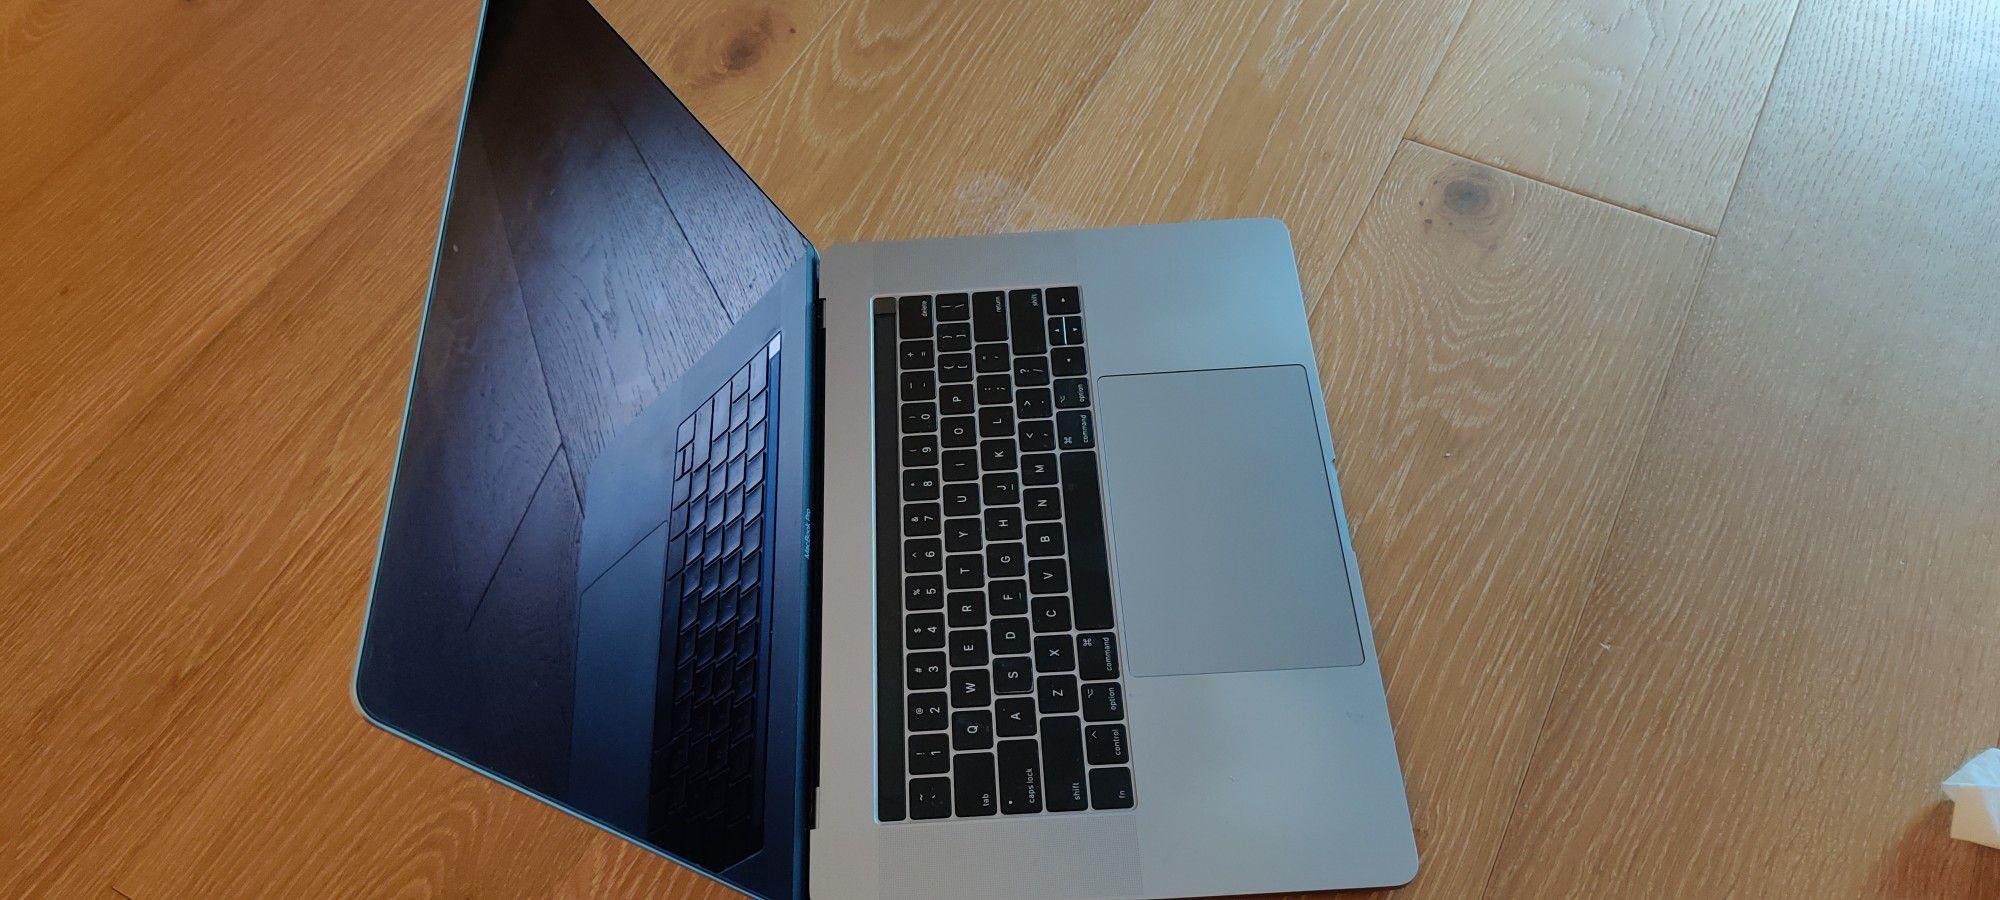 Macbook Pro 15 2016